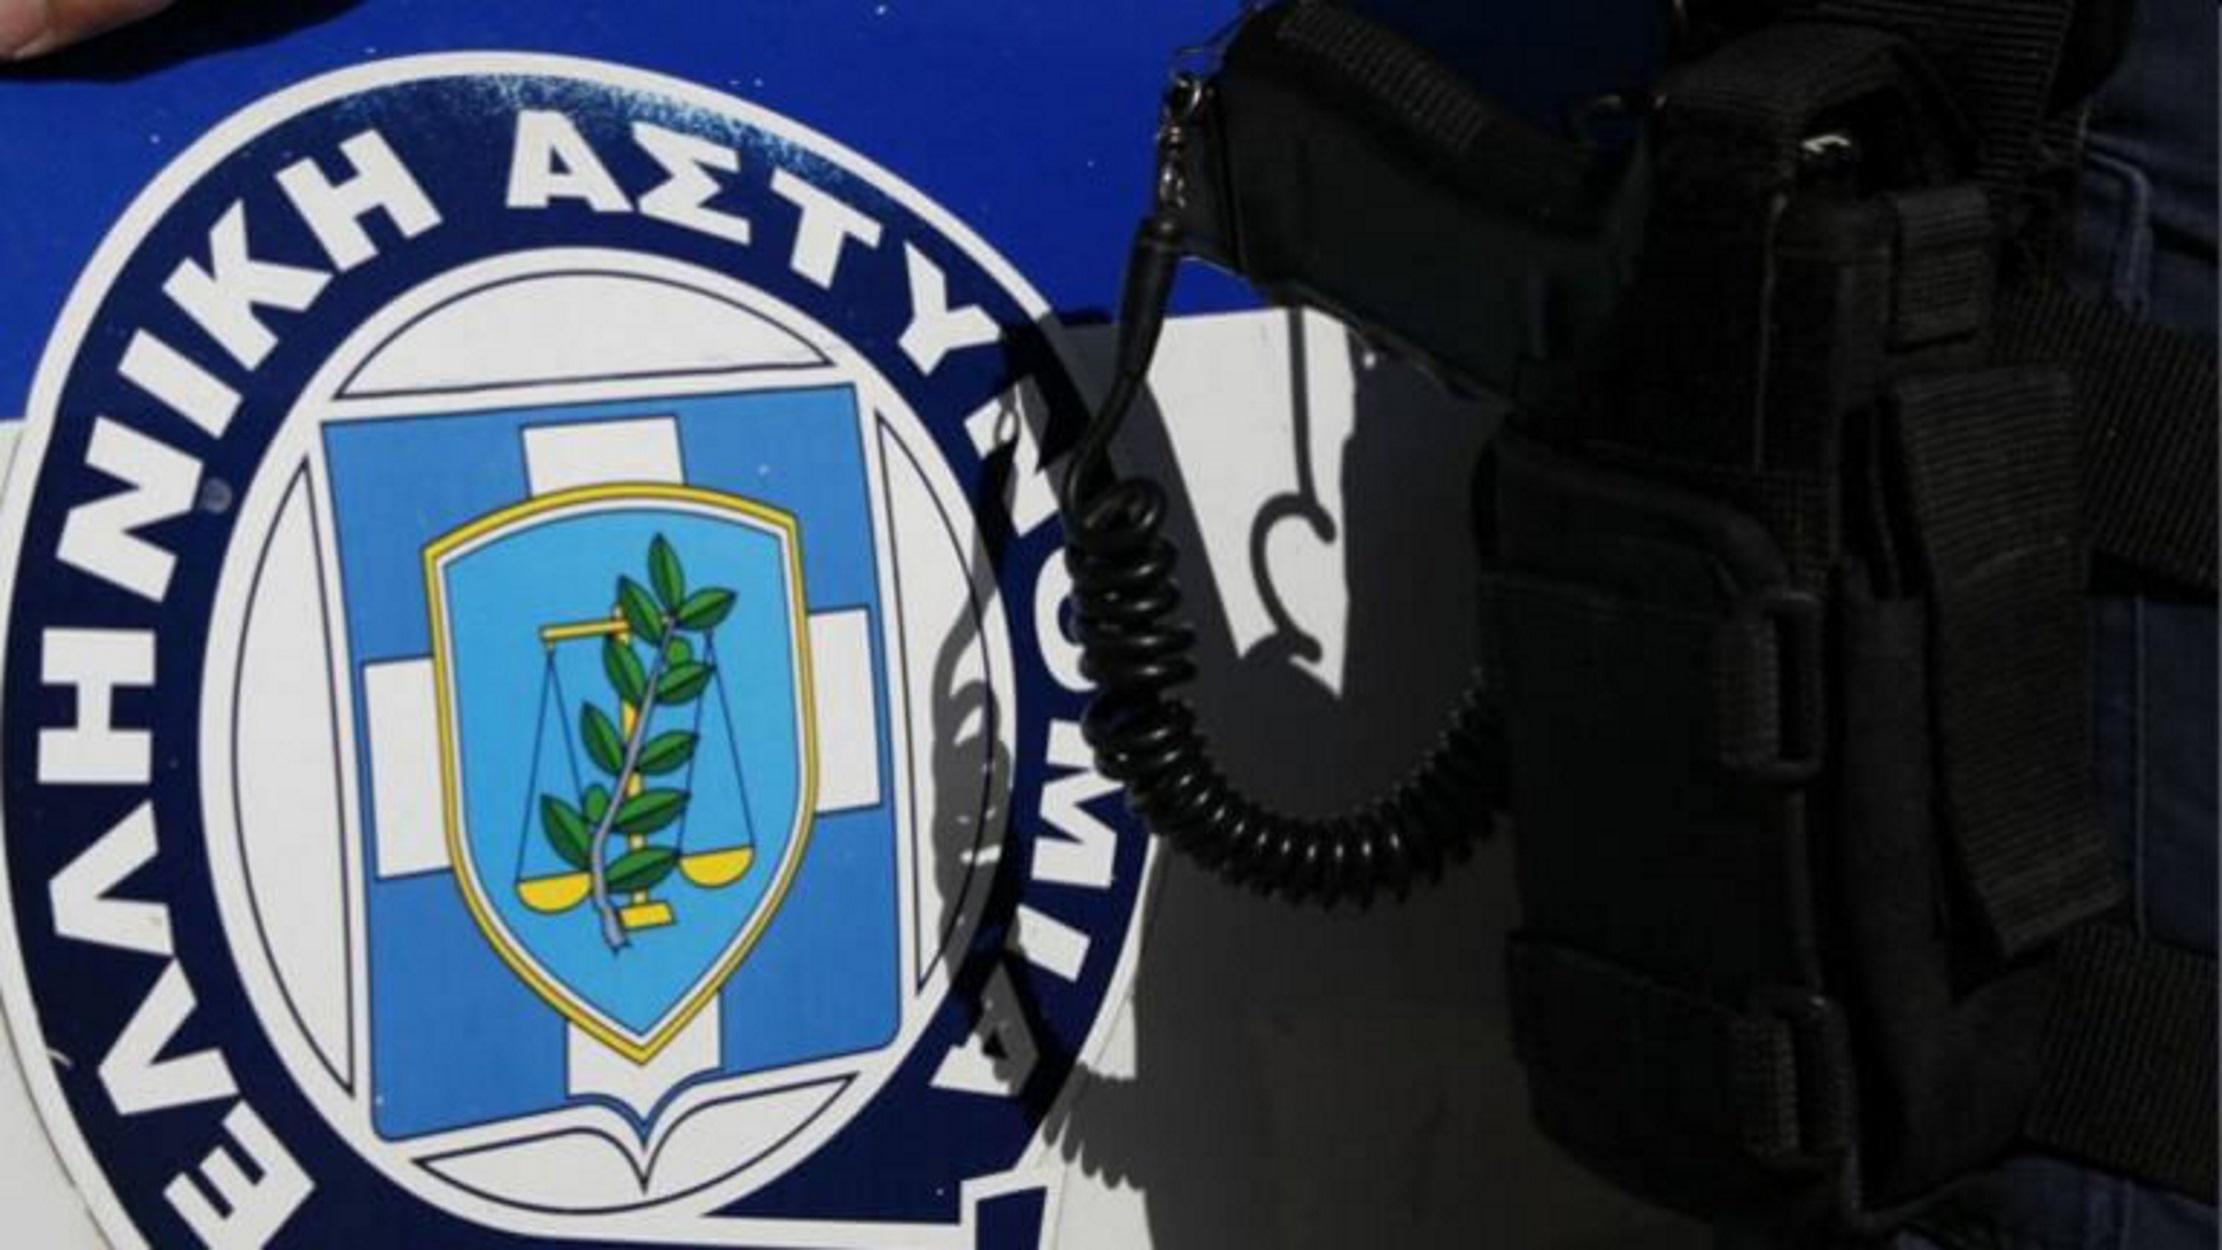 Πως έφτασε ο ασύρματος της αστυνομίας στα χέρια των κακοποιών για 2.000 ευρώ το μήνα